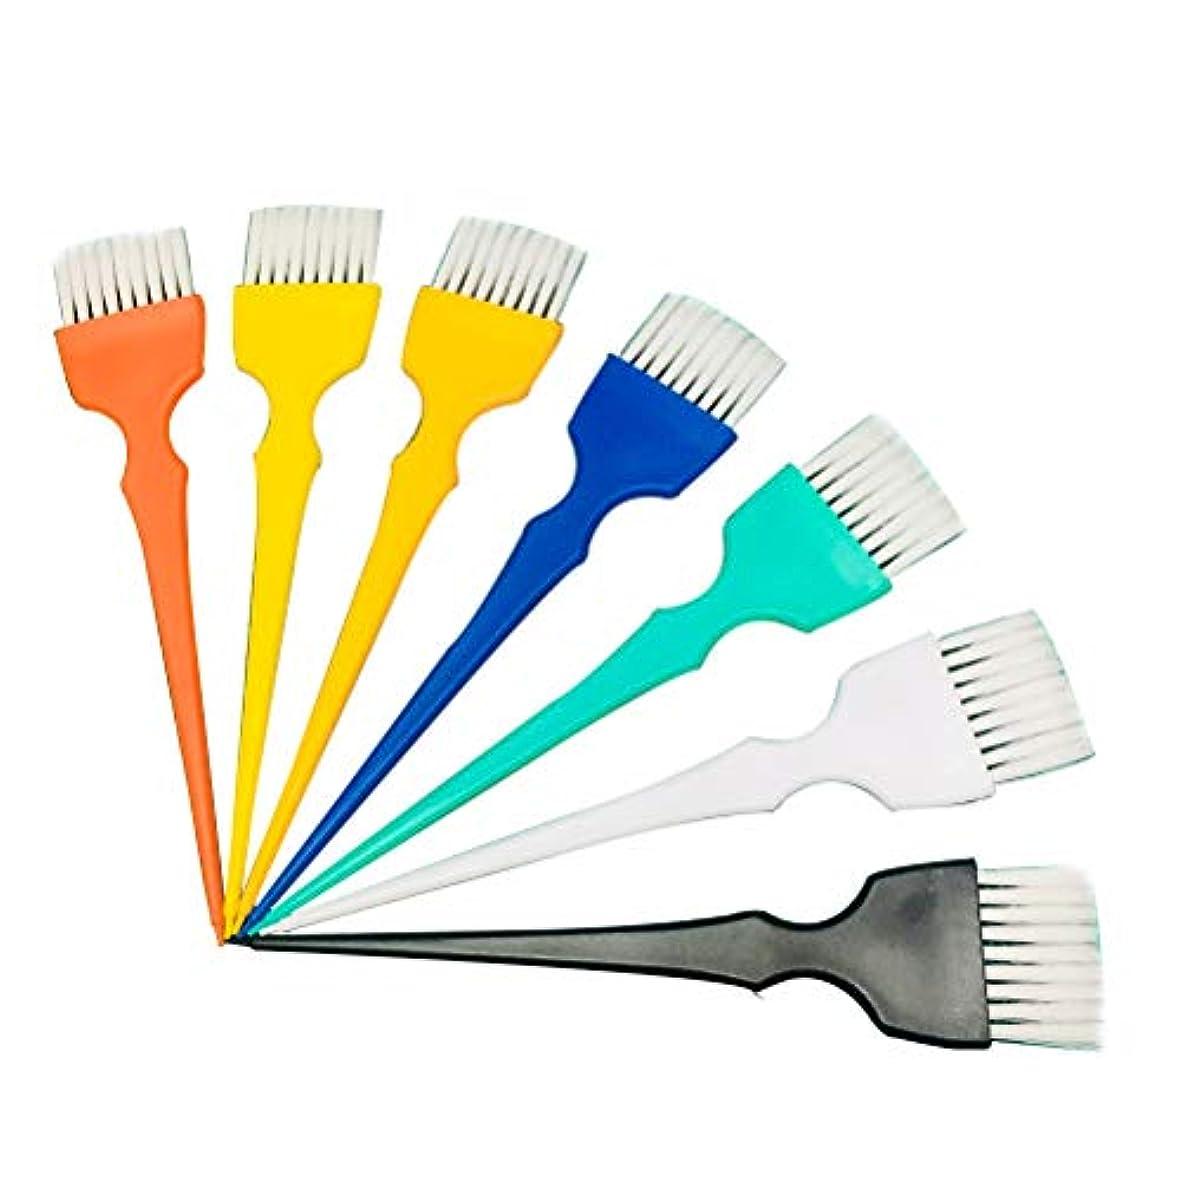 リアル見かけ上プライバシーBeaupretty 7本染毛ブラシプラスチックソフトブラシヘアカラーブラシ美容院用(ランダムカラー)